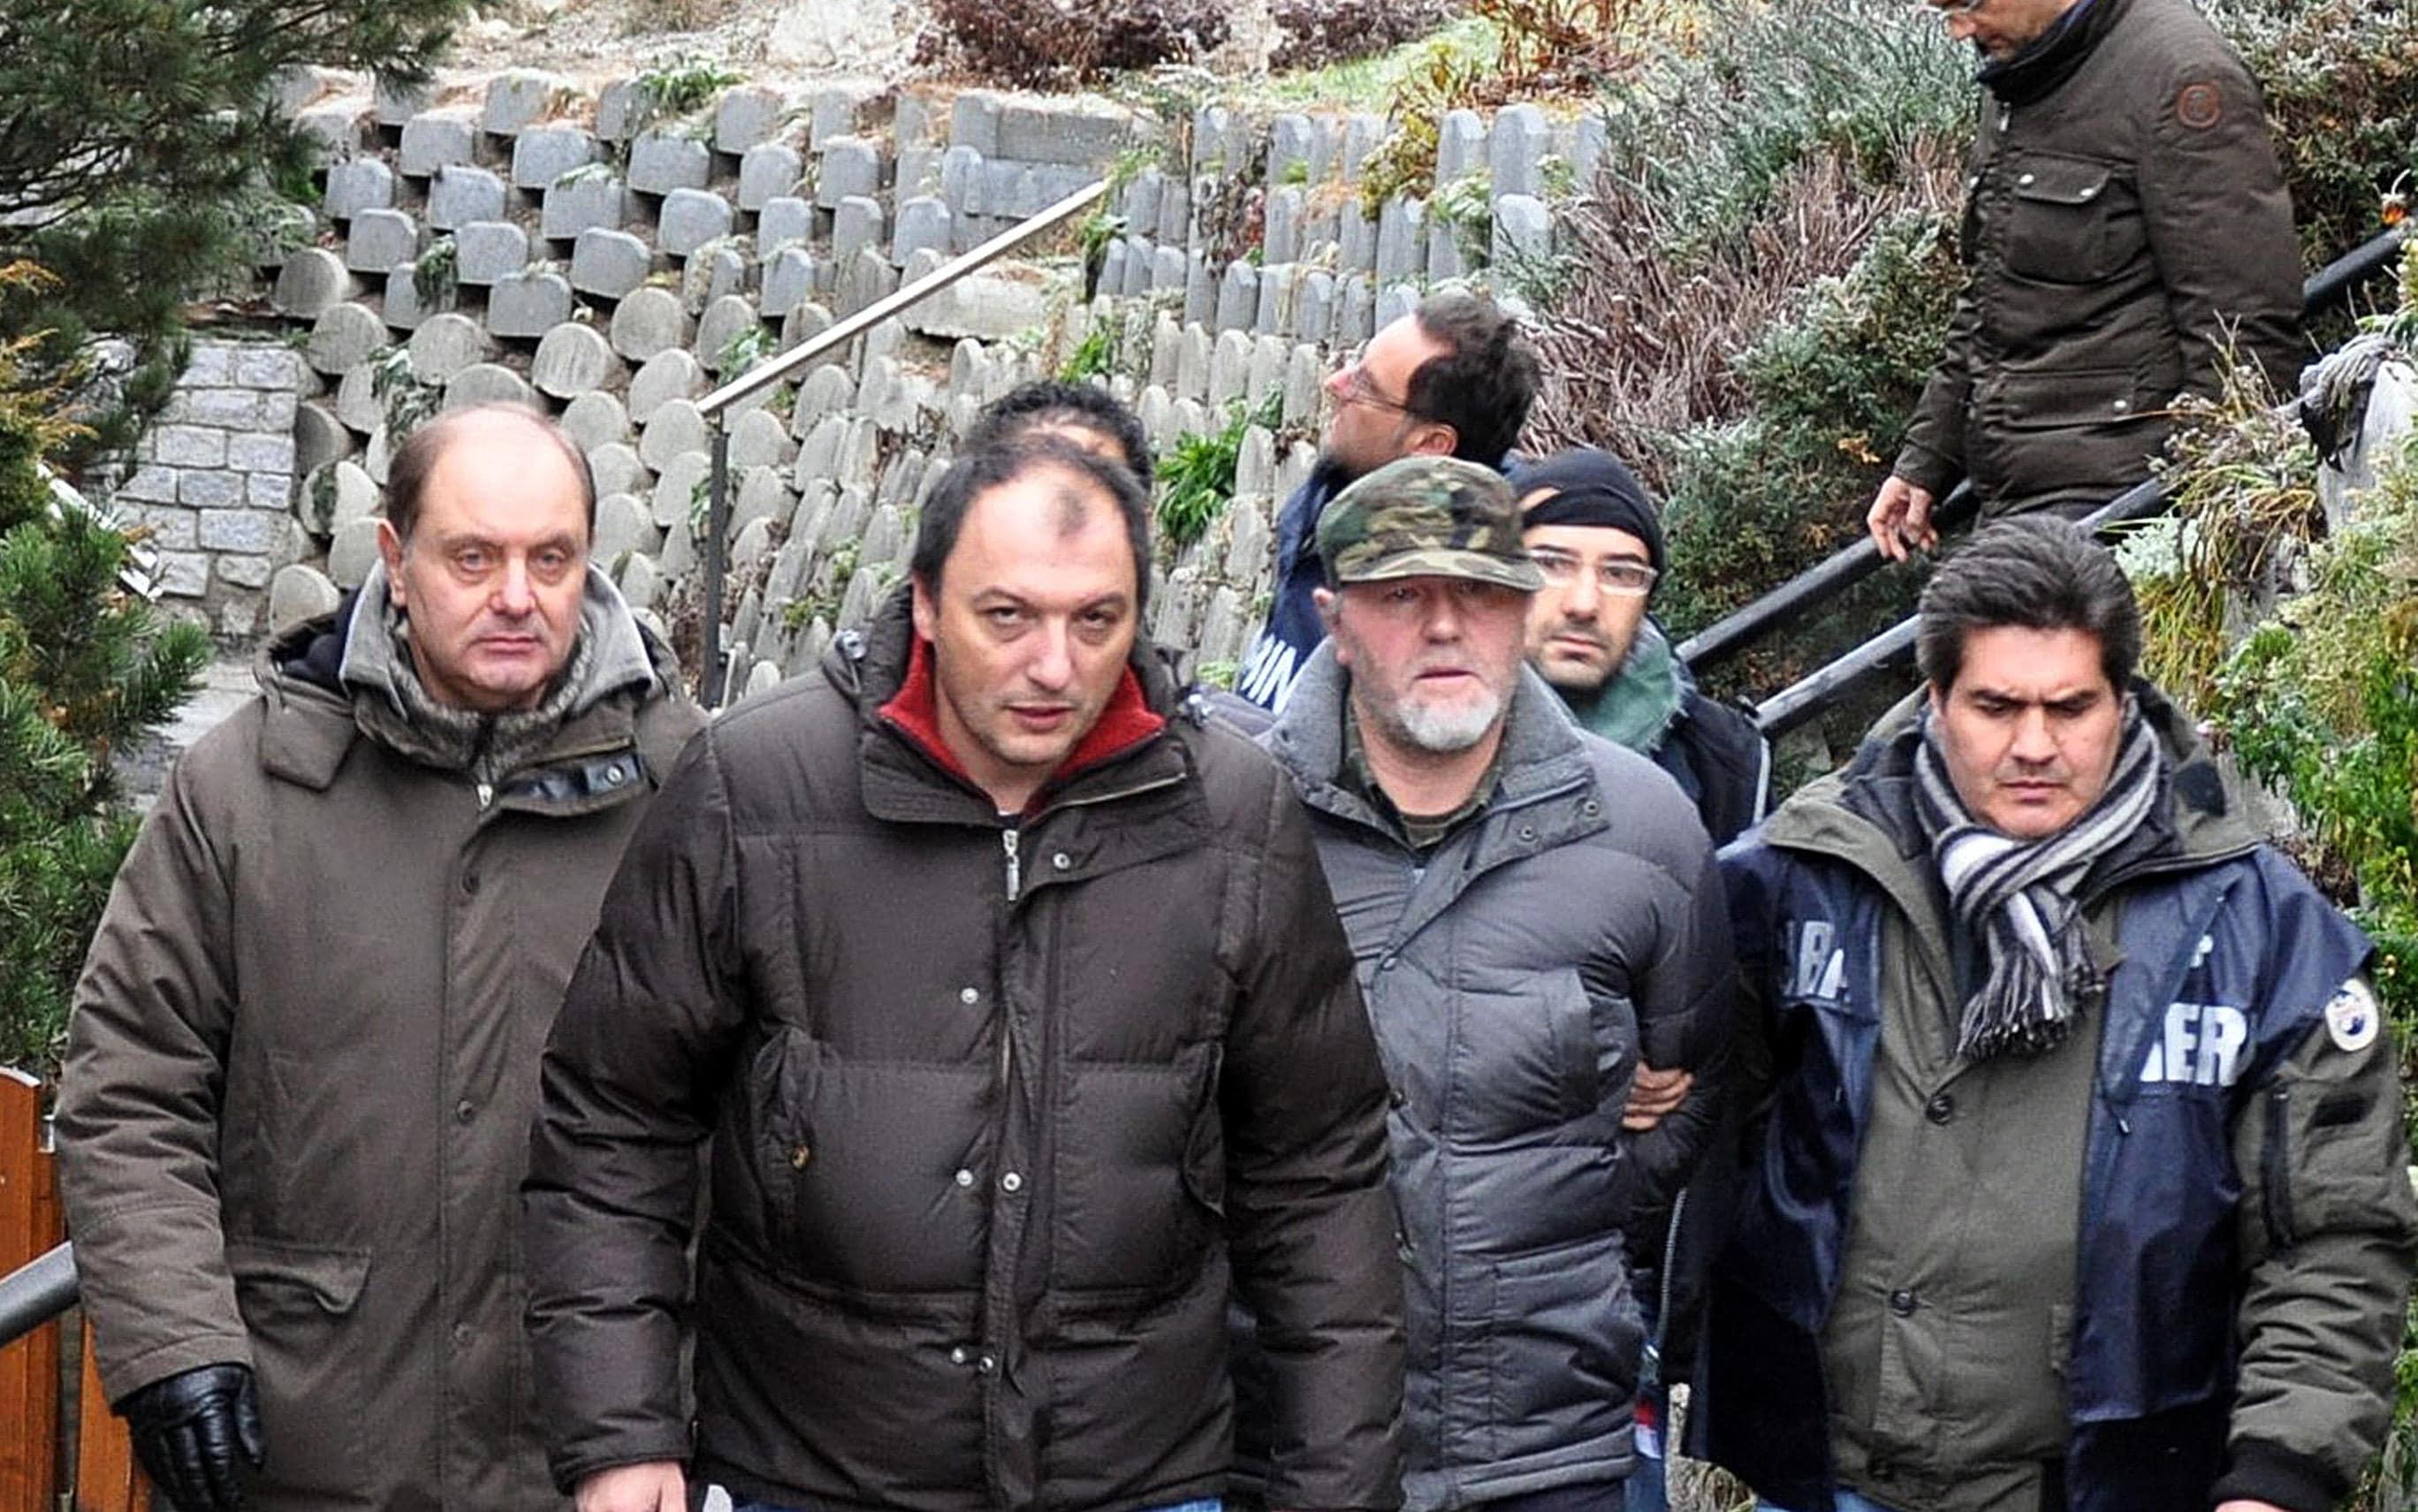 Il rapinatore latitante Max Leitner (S-3), 52 anni di Bressanone, viene accompagnato dai Carabinieri in una fase successiva all'arresto, avvenuto oggi 7 dicembre 2011 poco dopo l'alba in Alto Adige dopo l'ennesima evasione, in una foto diffusa dagli stessi militari dell'Arma. ANSA / UFFICIO STAMPA CARABINIERI +++NO SALES, EDITORIAL USE ONLY+++